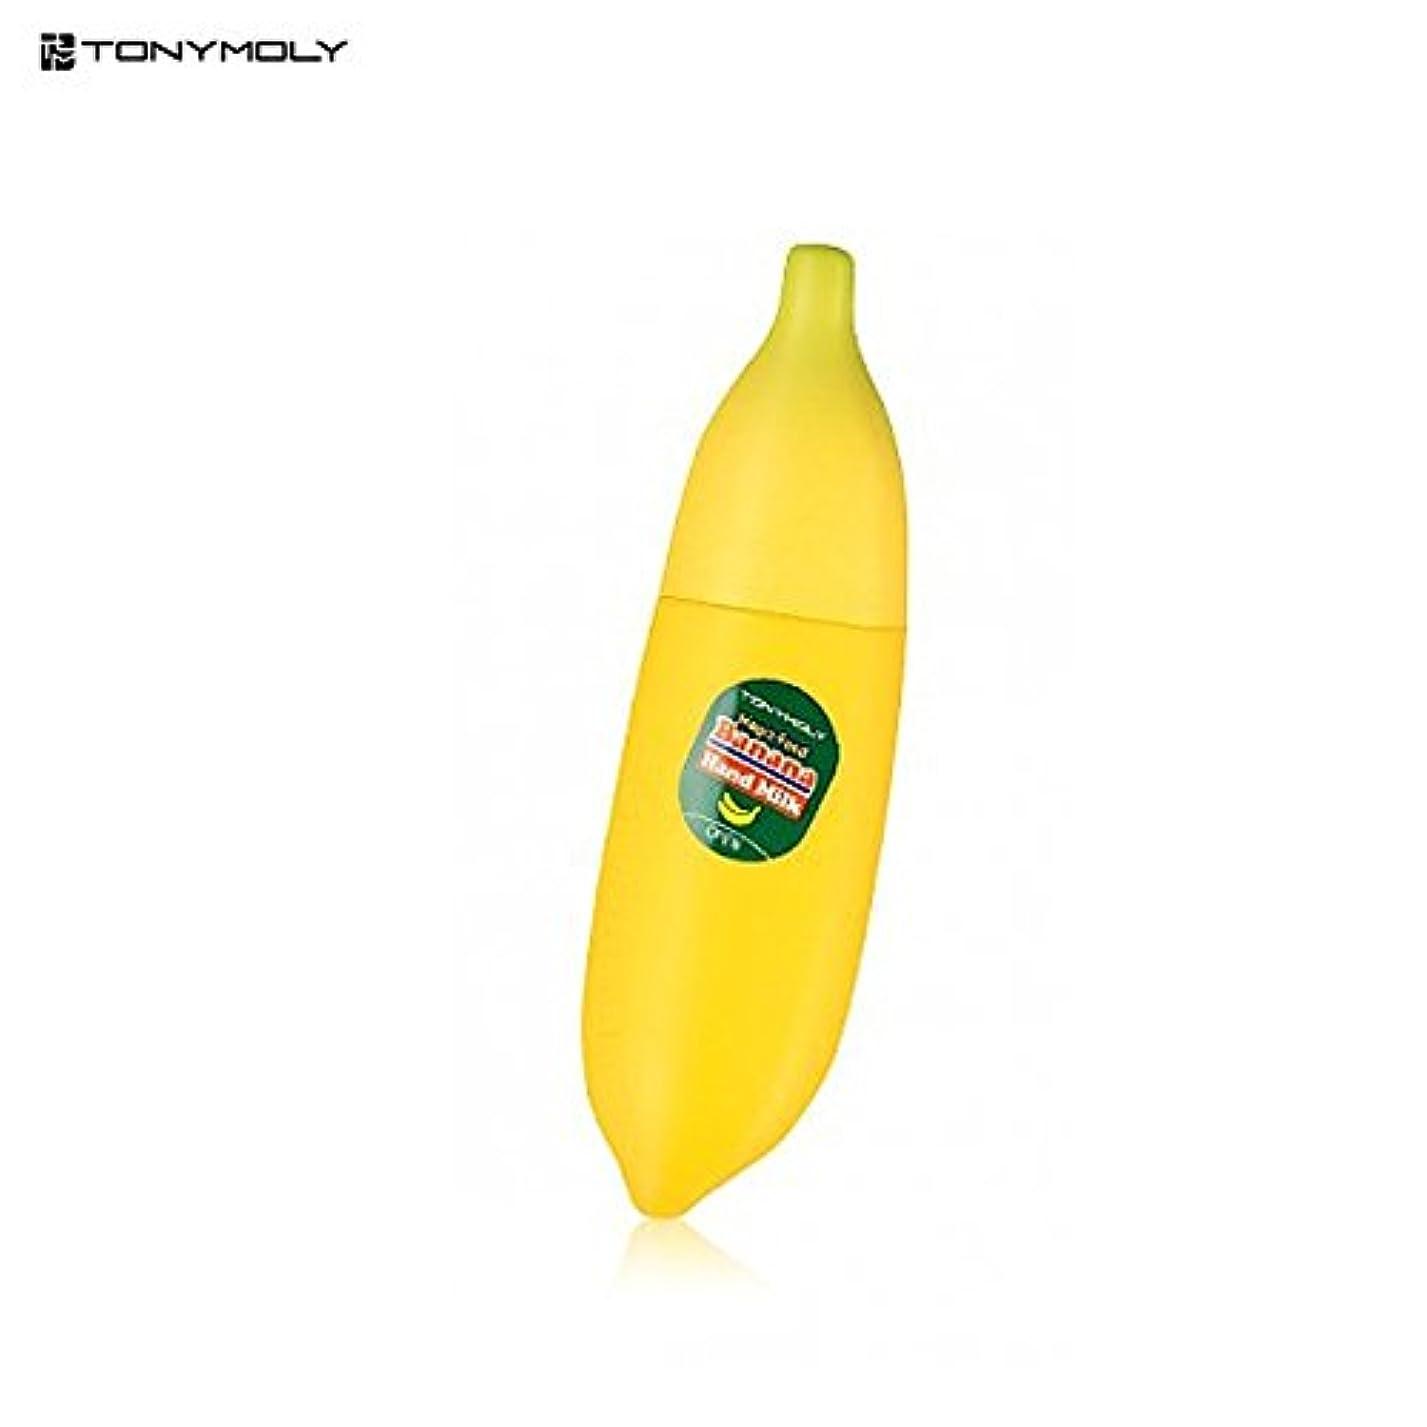 トリッキー小間やろうTONYMOLY (トニーモリー) マジックフードバナナハンドクリーム 45ml Magic Food Hand Milk, Hand Cream [並行輸入品]